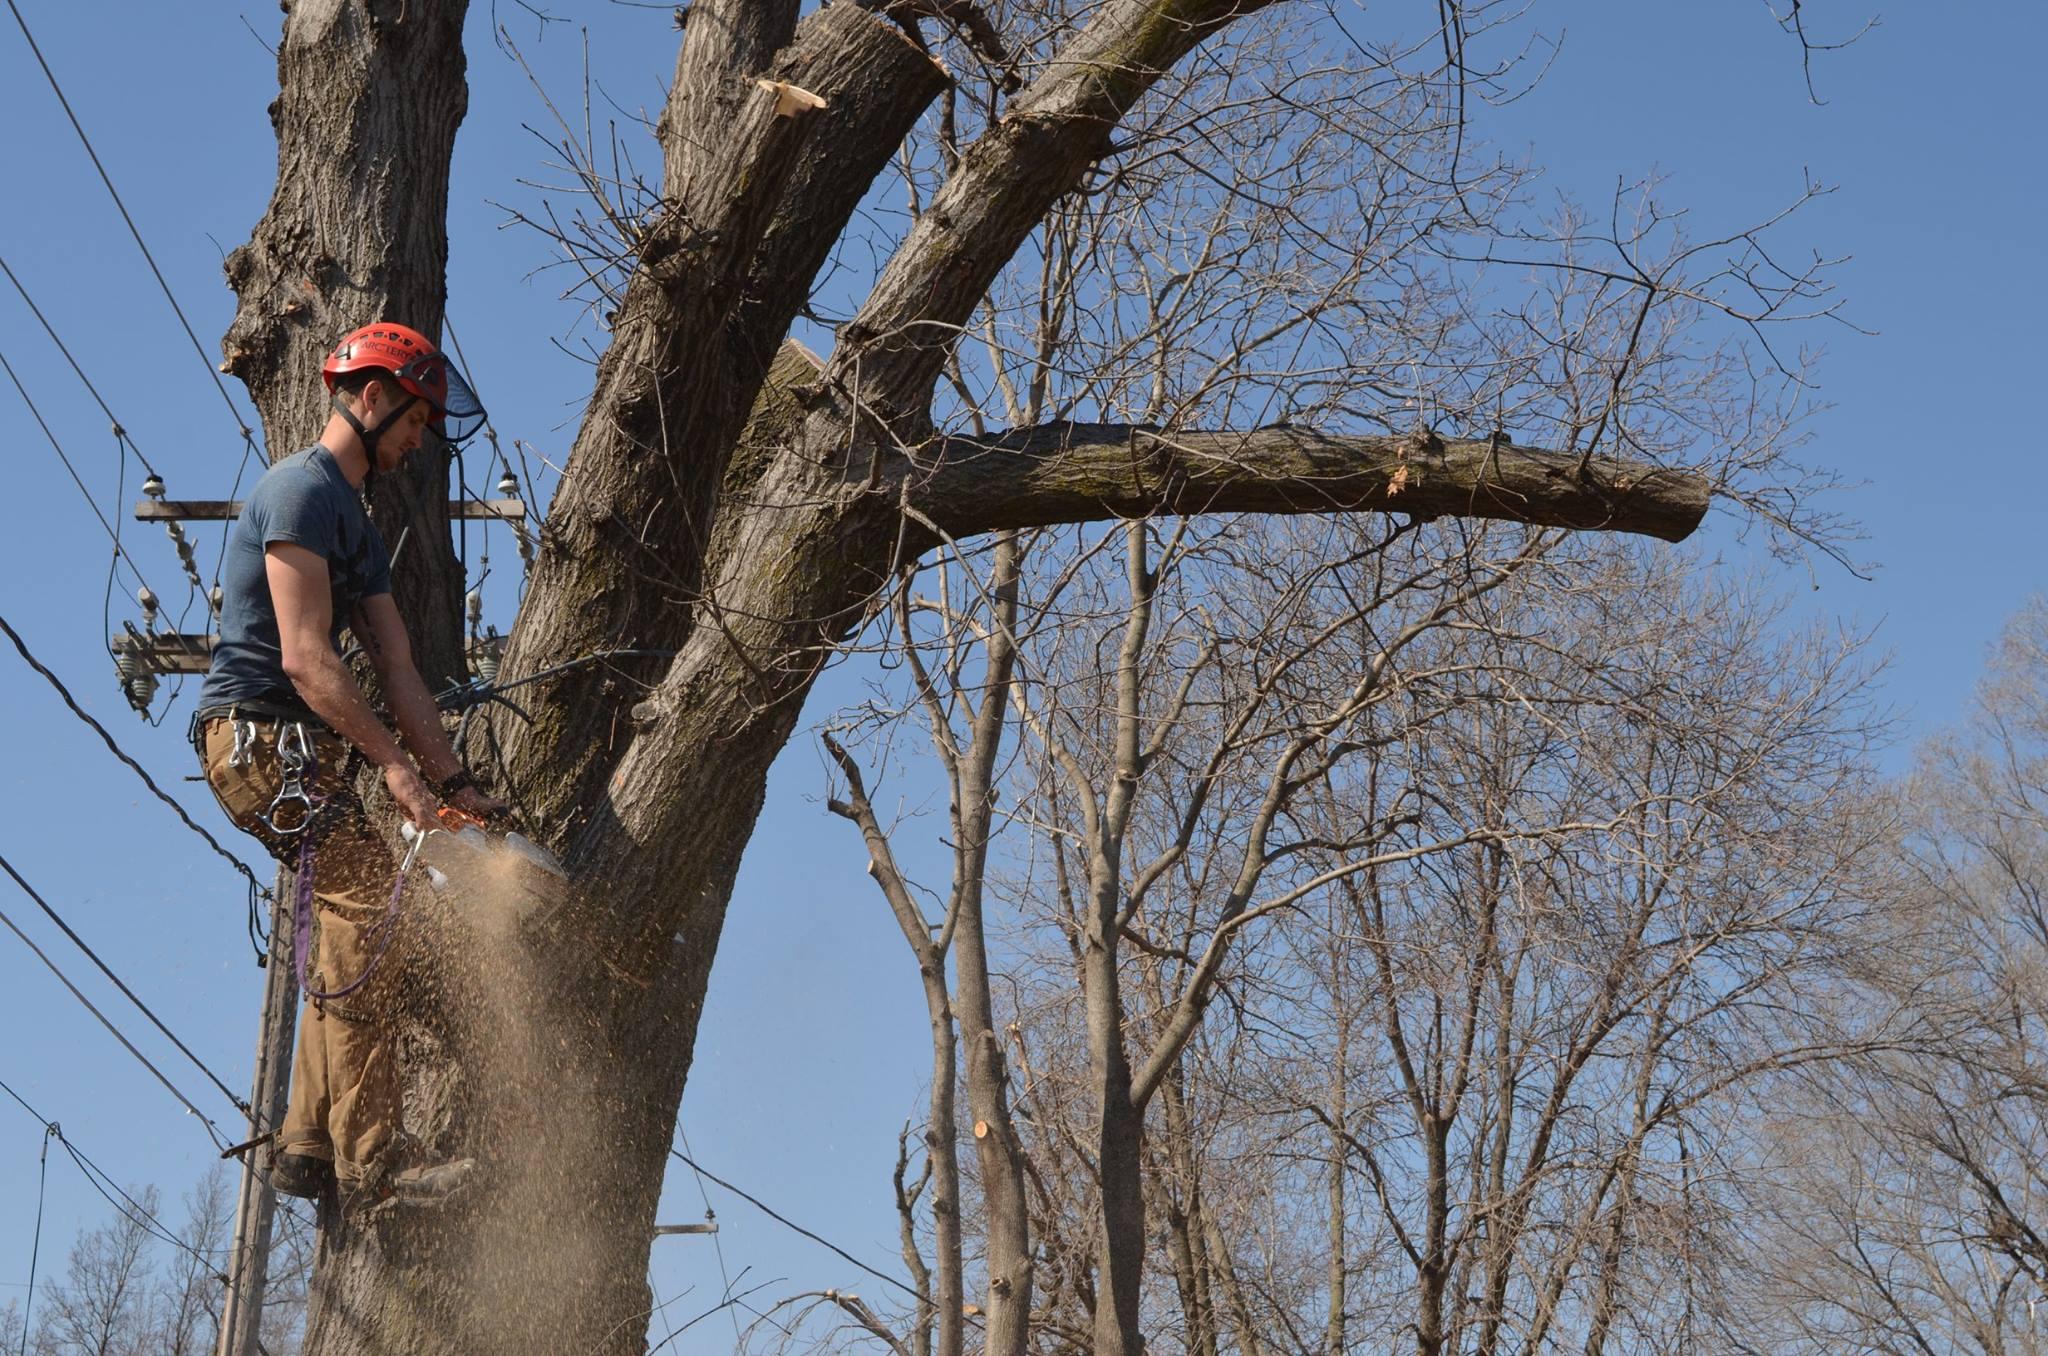 tree service lincoln nebraska arborist.jpg